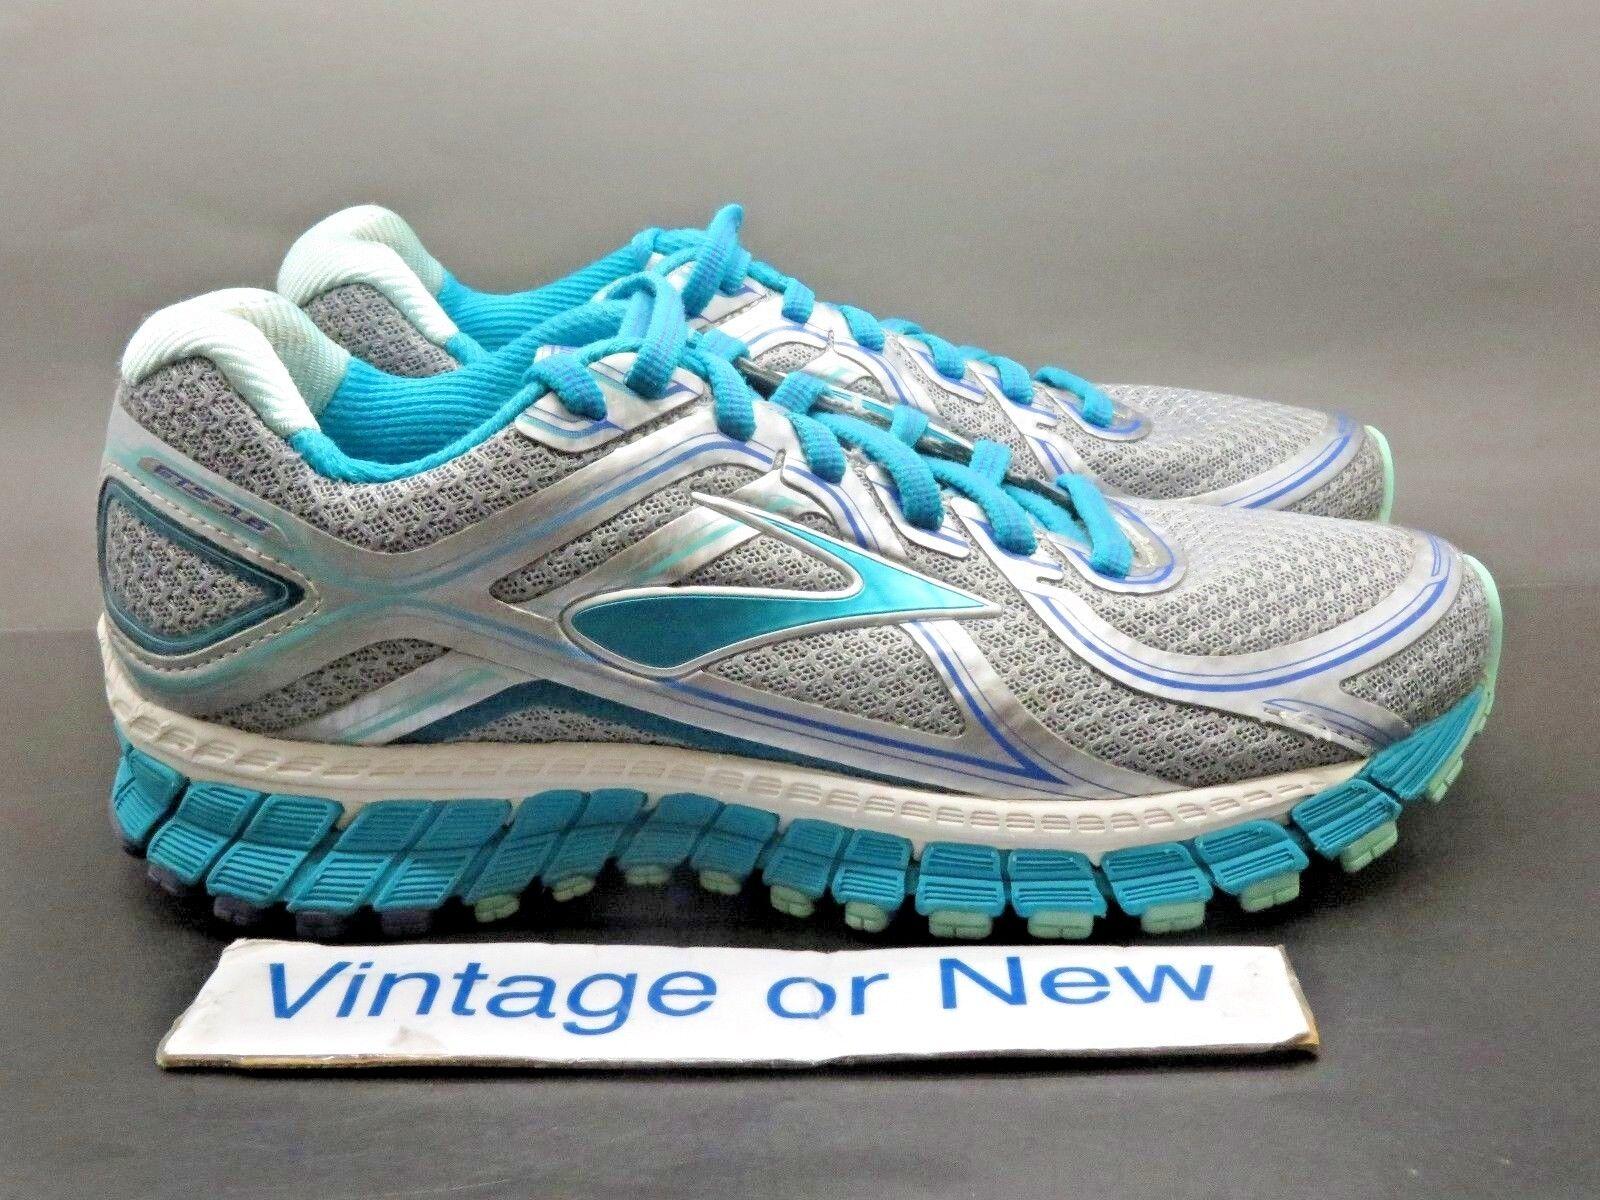 Women's Brooks Adrenaline GTS 16 Silver Silver Silver blueebird Tint Running shoes sz 6.5 2A 51563f